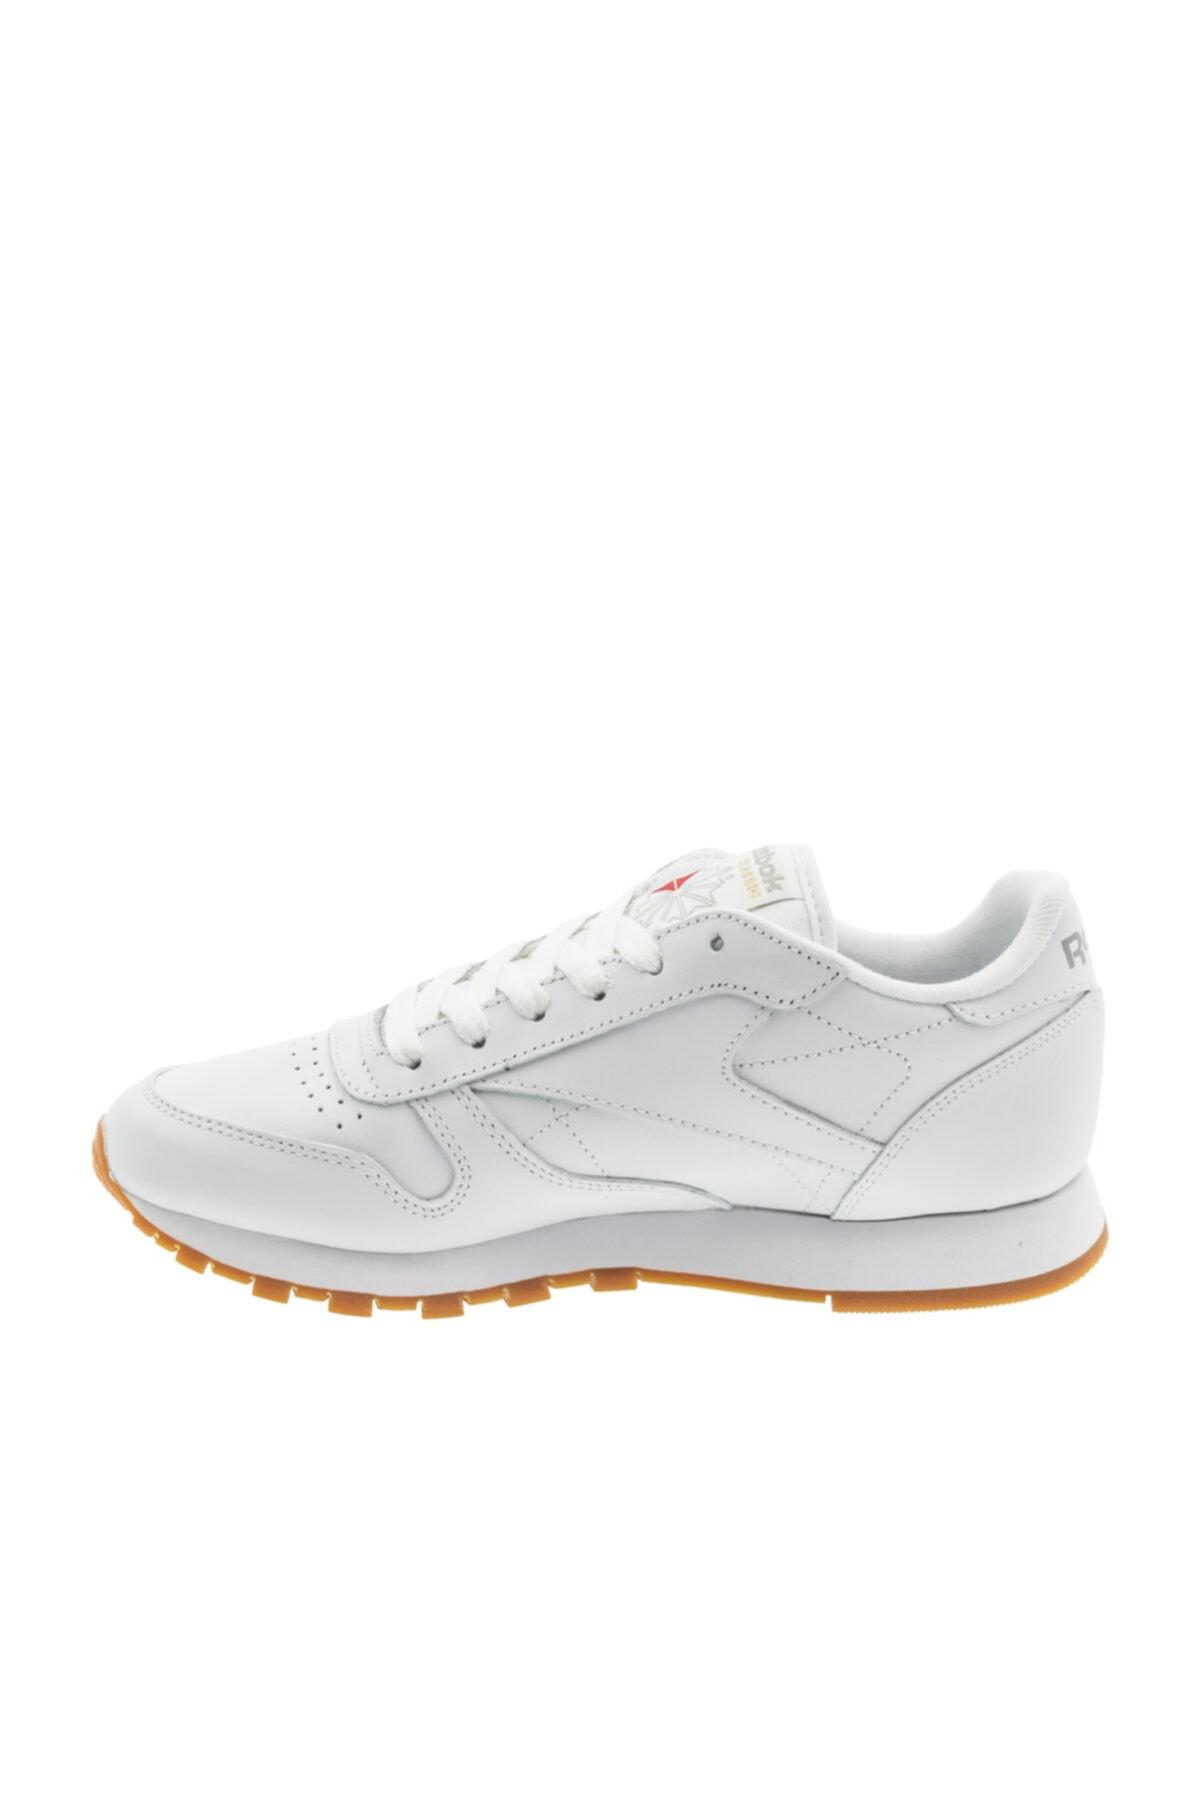 CL LTHR-1 Beyaz Kadın Sneaker 100257336